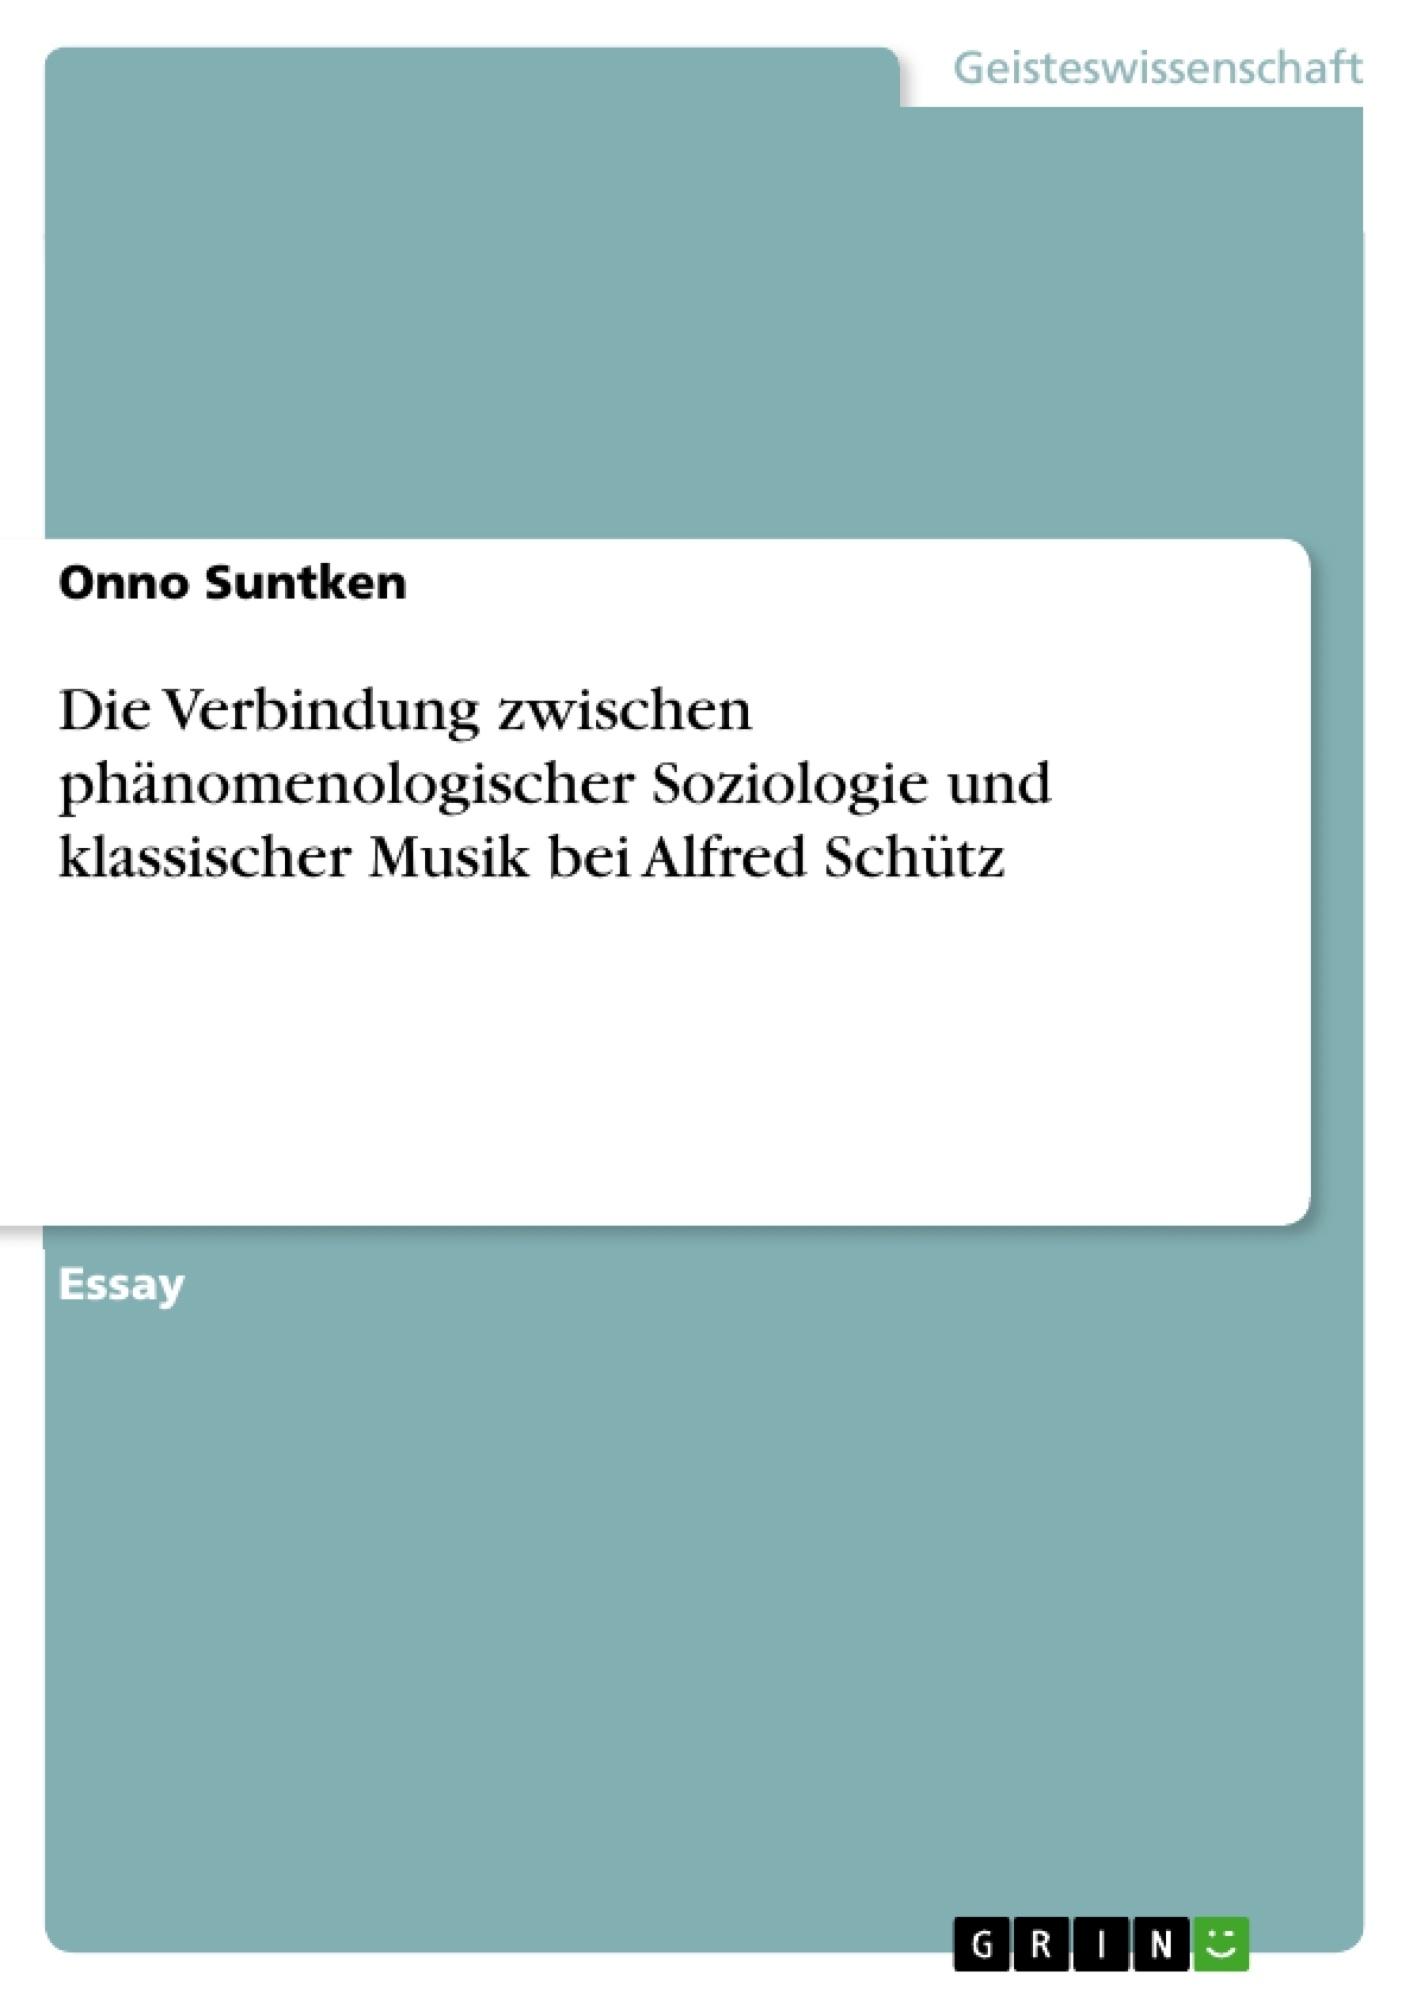 Titel: Die Verbindung zwischen phänomenologischer Soziologie und klassischer Musik bei Alfred Schütz